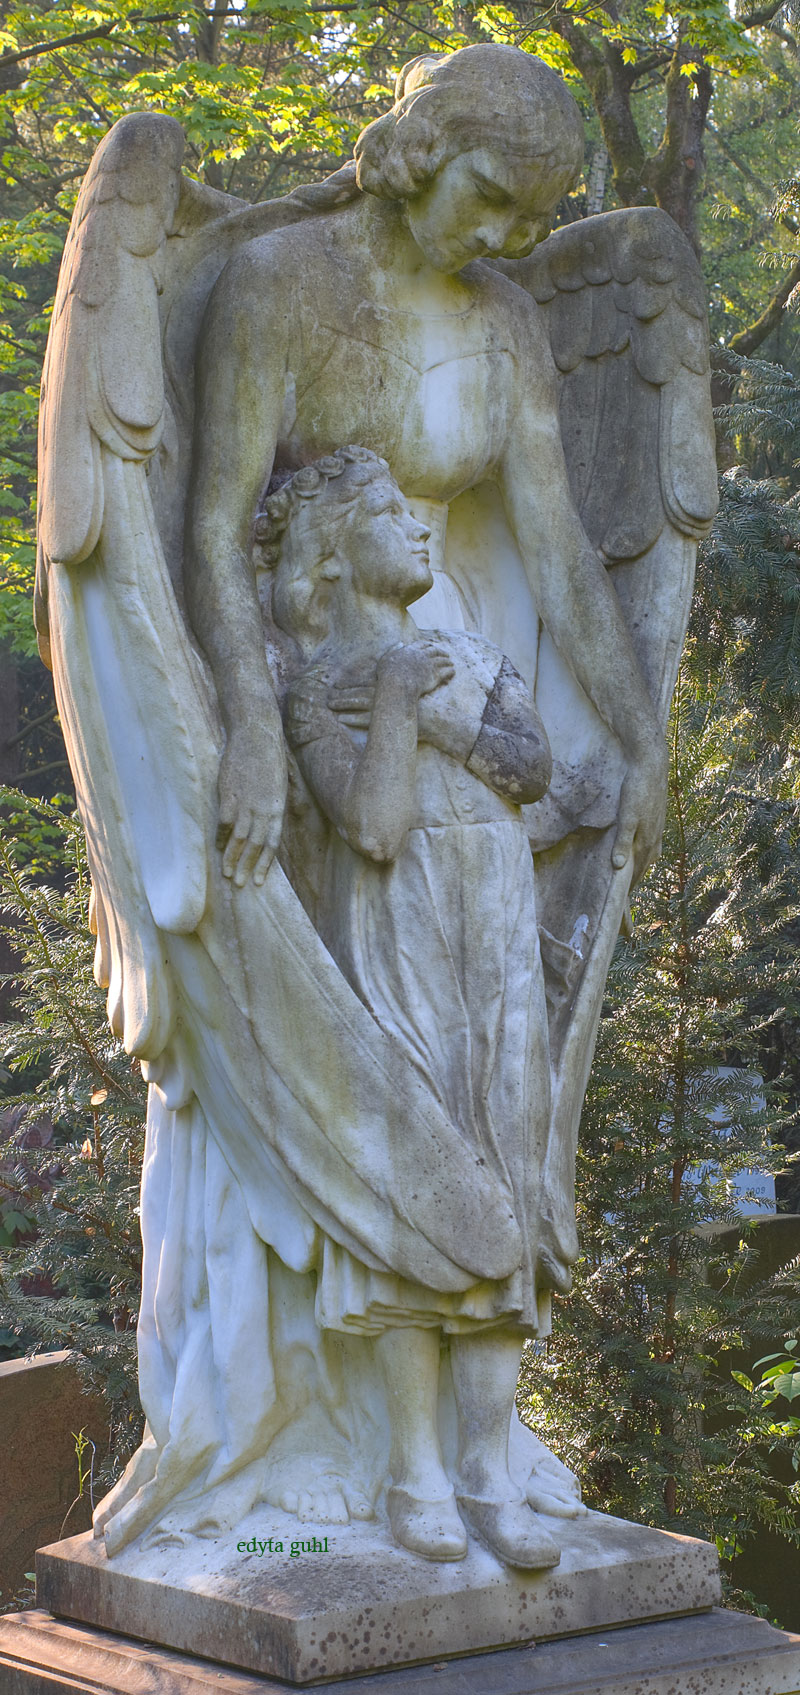 Schutz- Engel auf Melaten. Edyta Guhl.